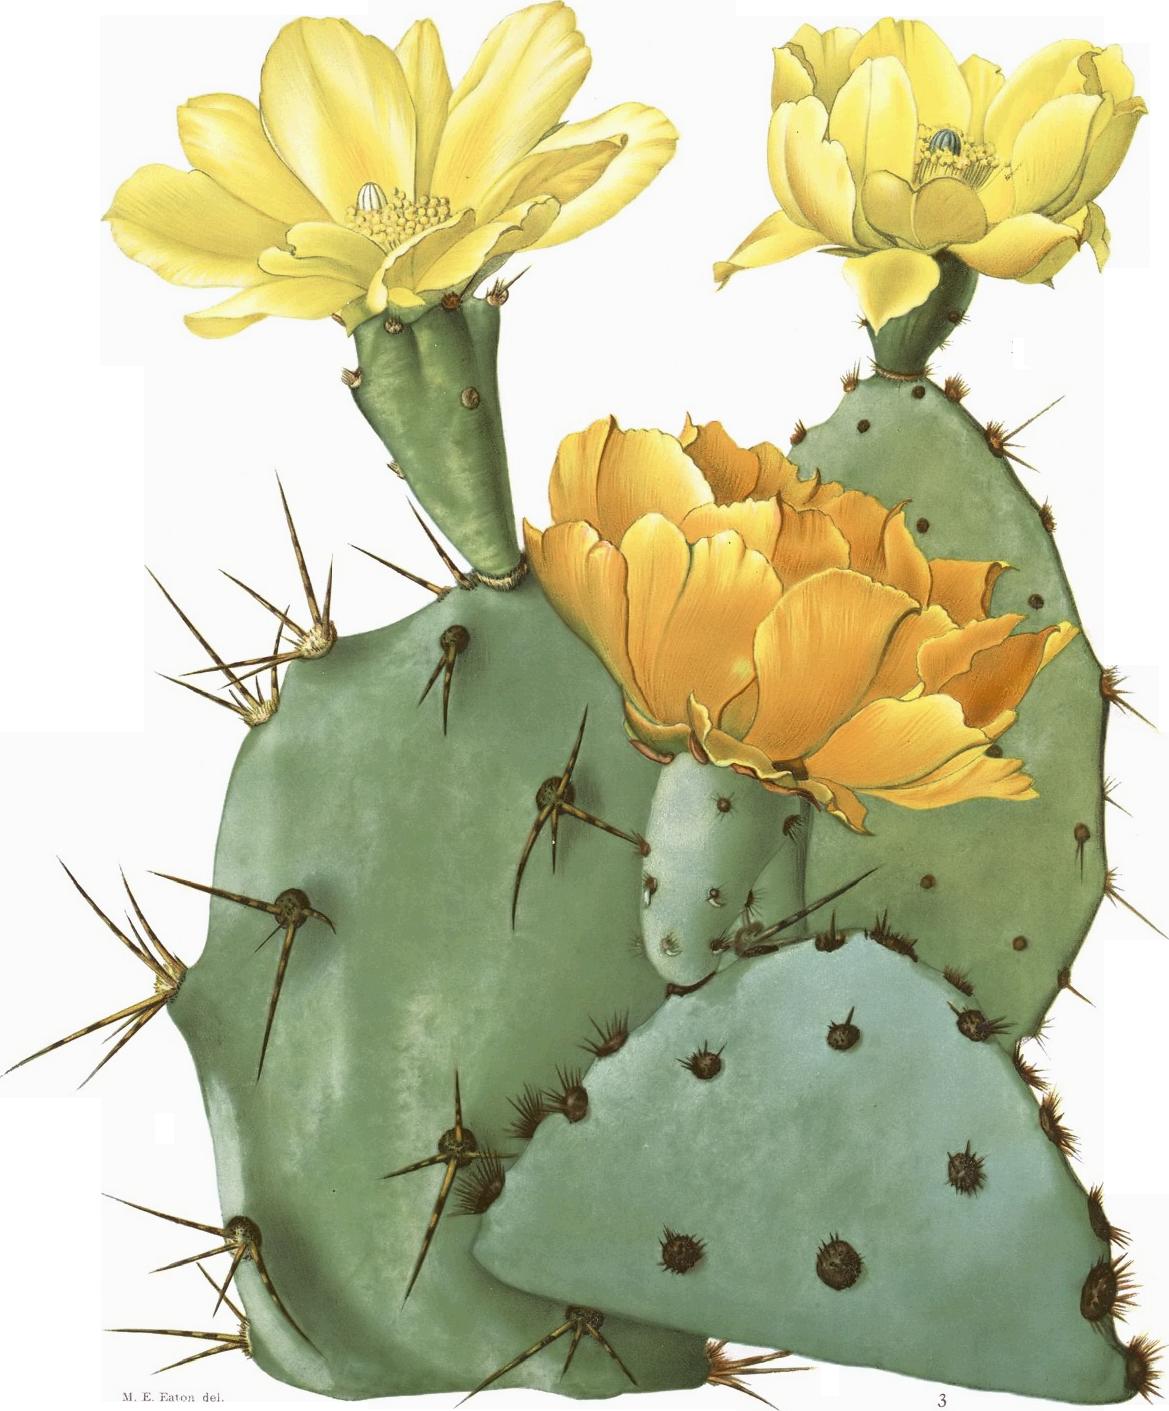 Drawn cactus prickly pear cactus Laevis Pricklypear) Tulip Opuntia Opuntia